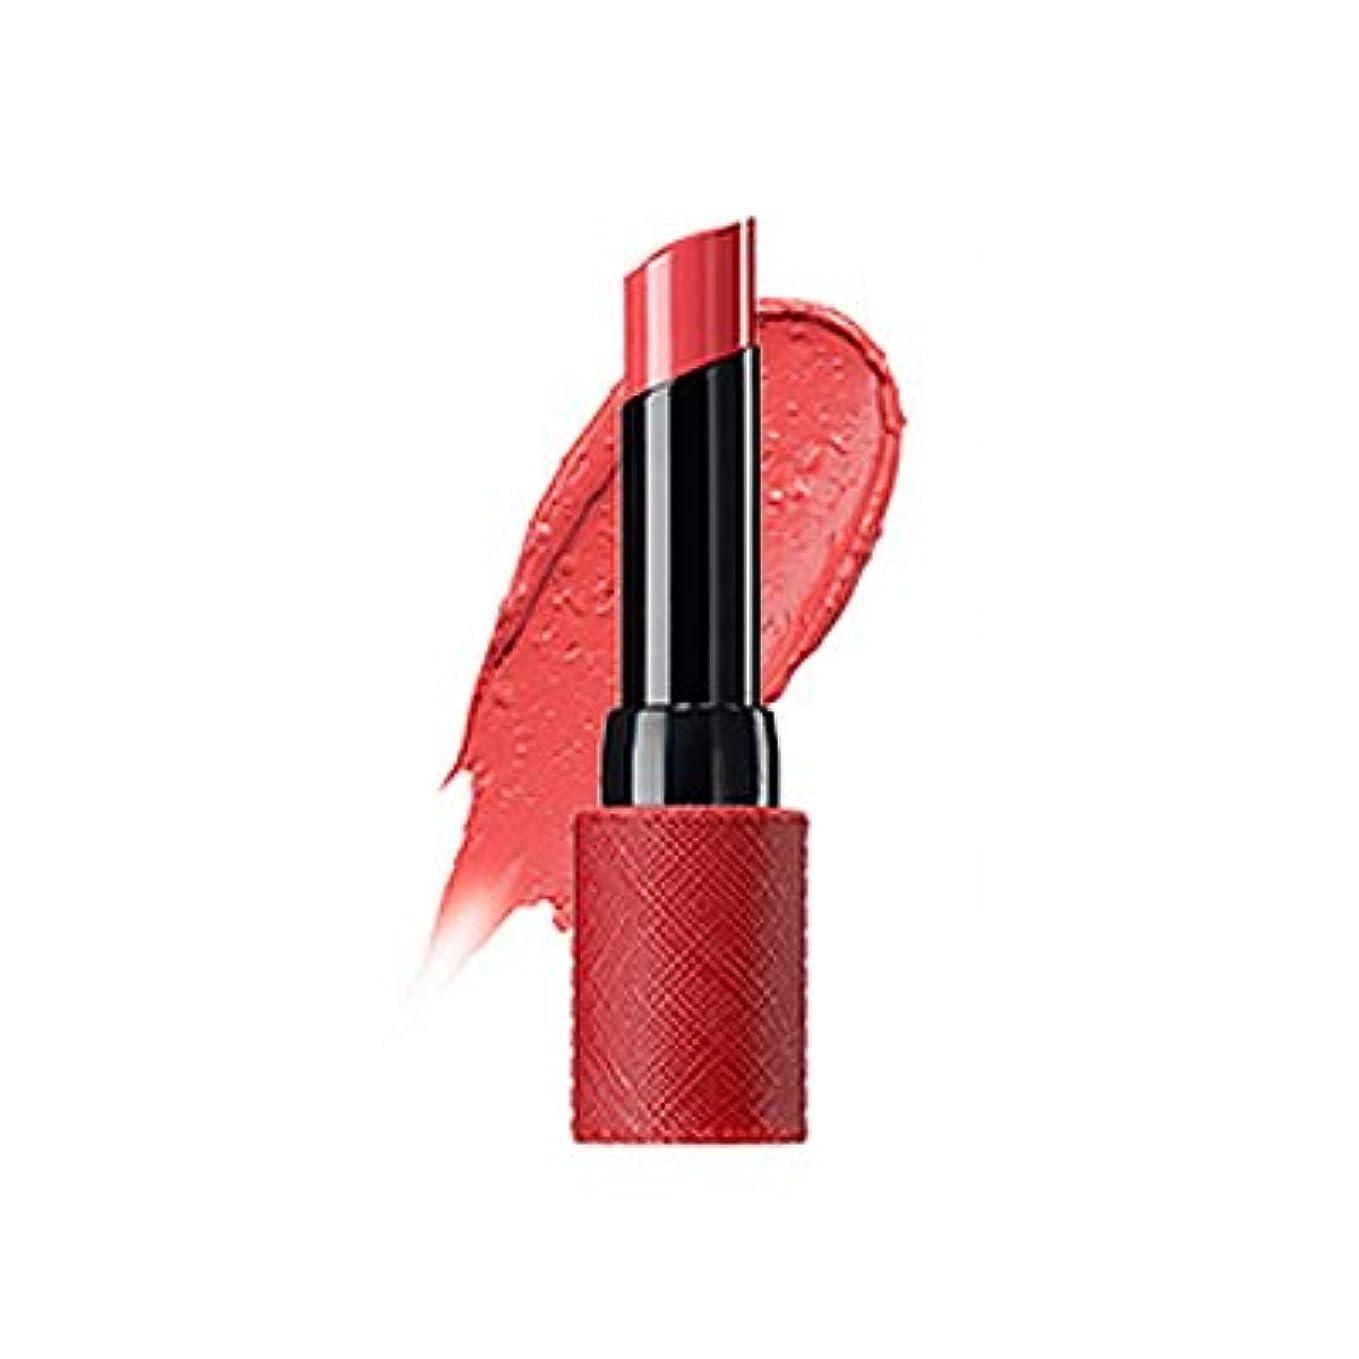 認可ふさわしいすべきThe Saem Kissholic Lipstick S (CR01 Best Seller) ザセムキスホリックリップスティック S [並行輸入品]